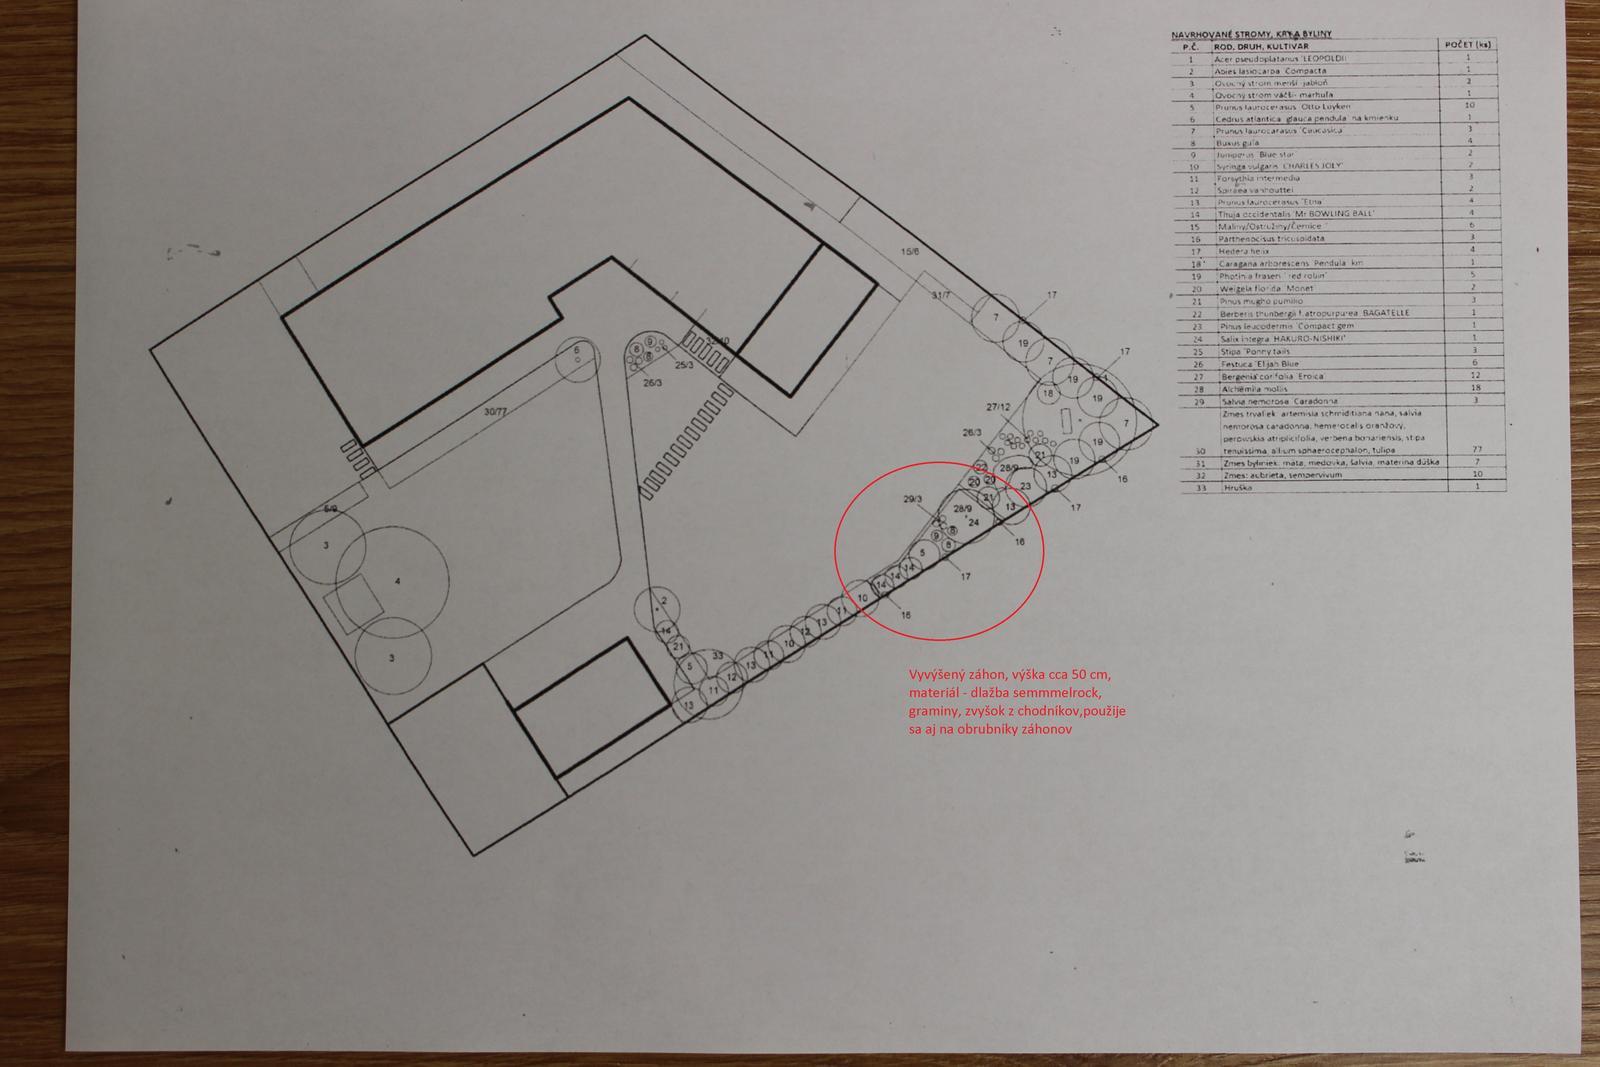 Exteriér - záhrada - Návrh